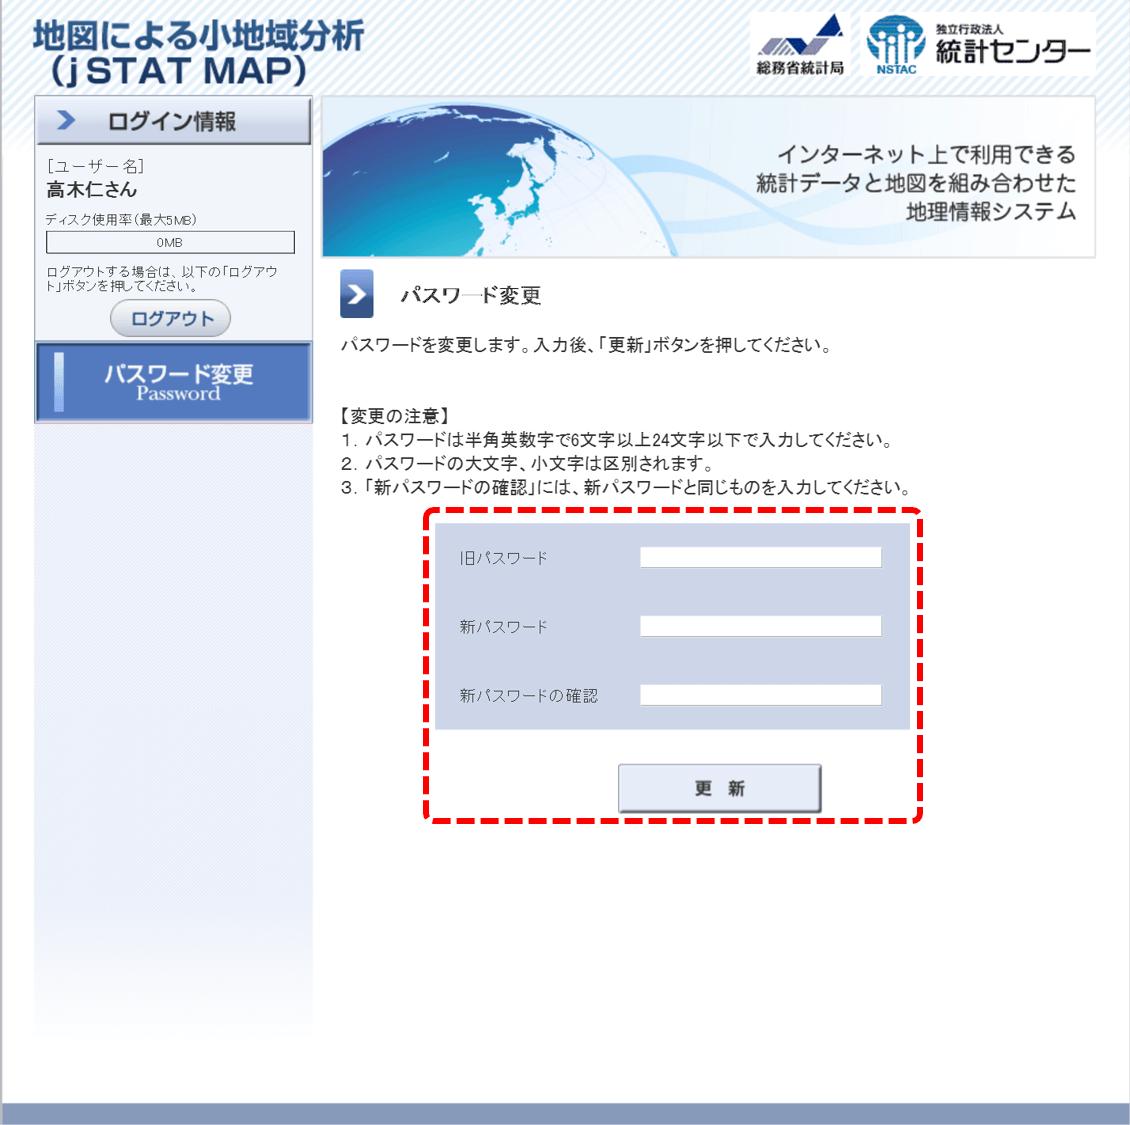 jSTAT MAPパスワード変更